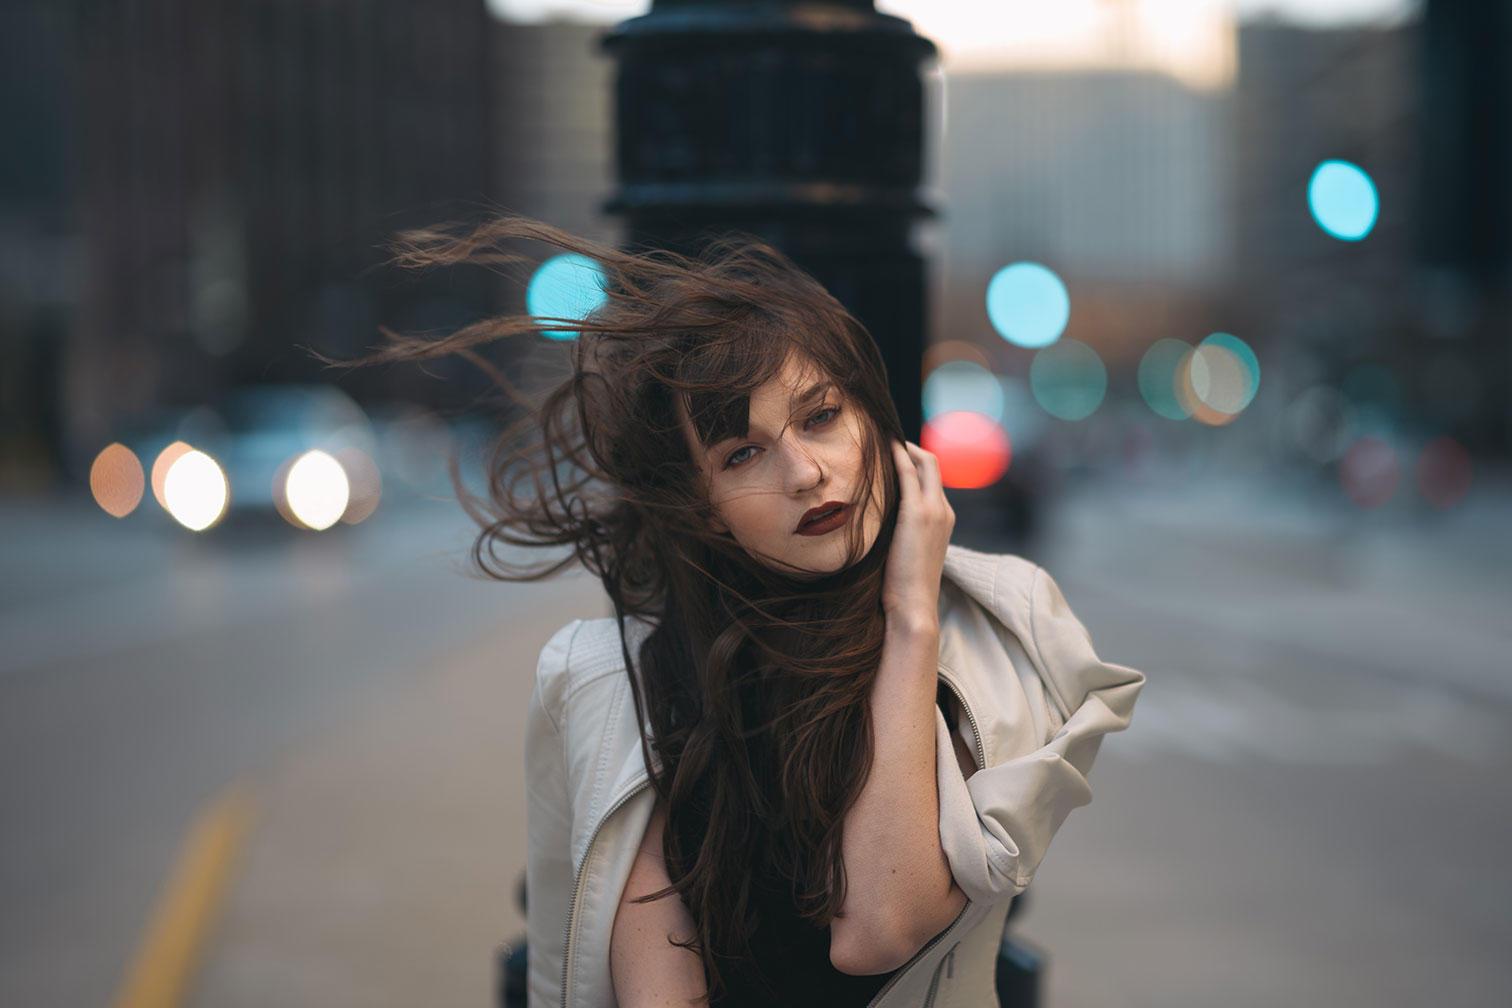 Женский портрет, пример съемки на объектив Leica Noctilux-M 75mm f/1.25 Asph